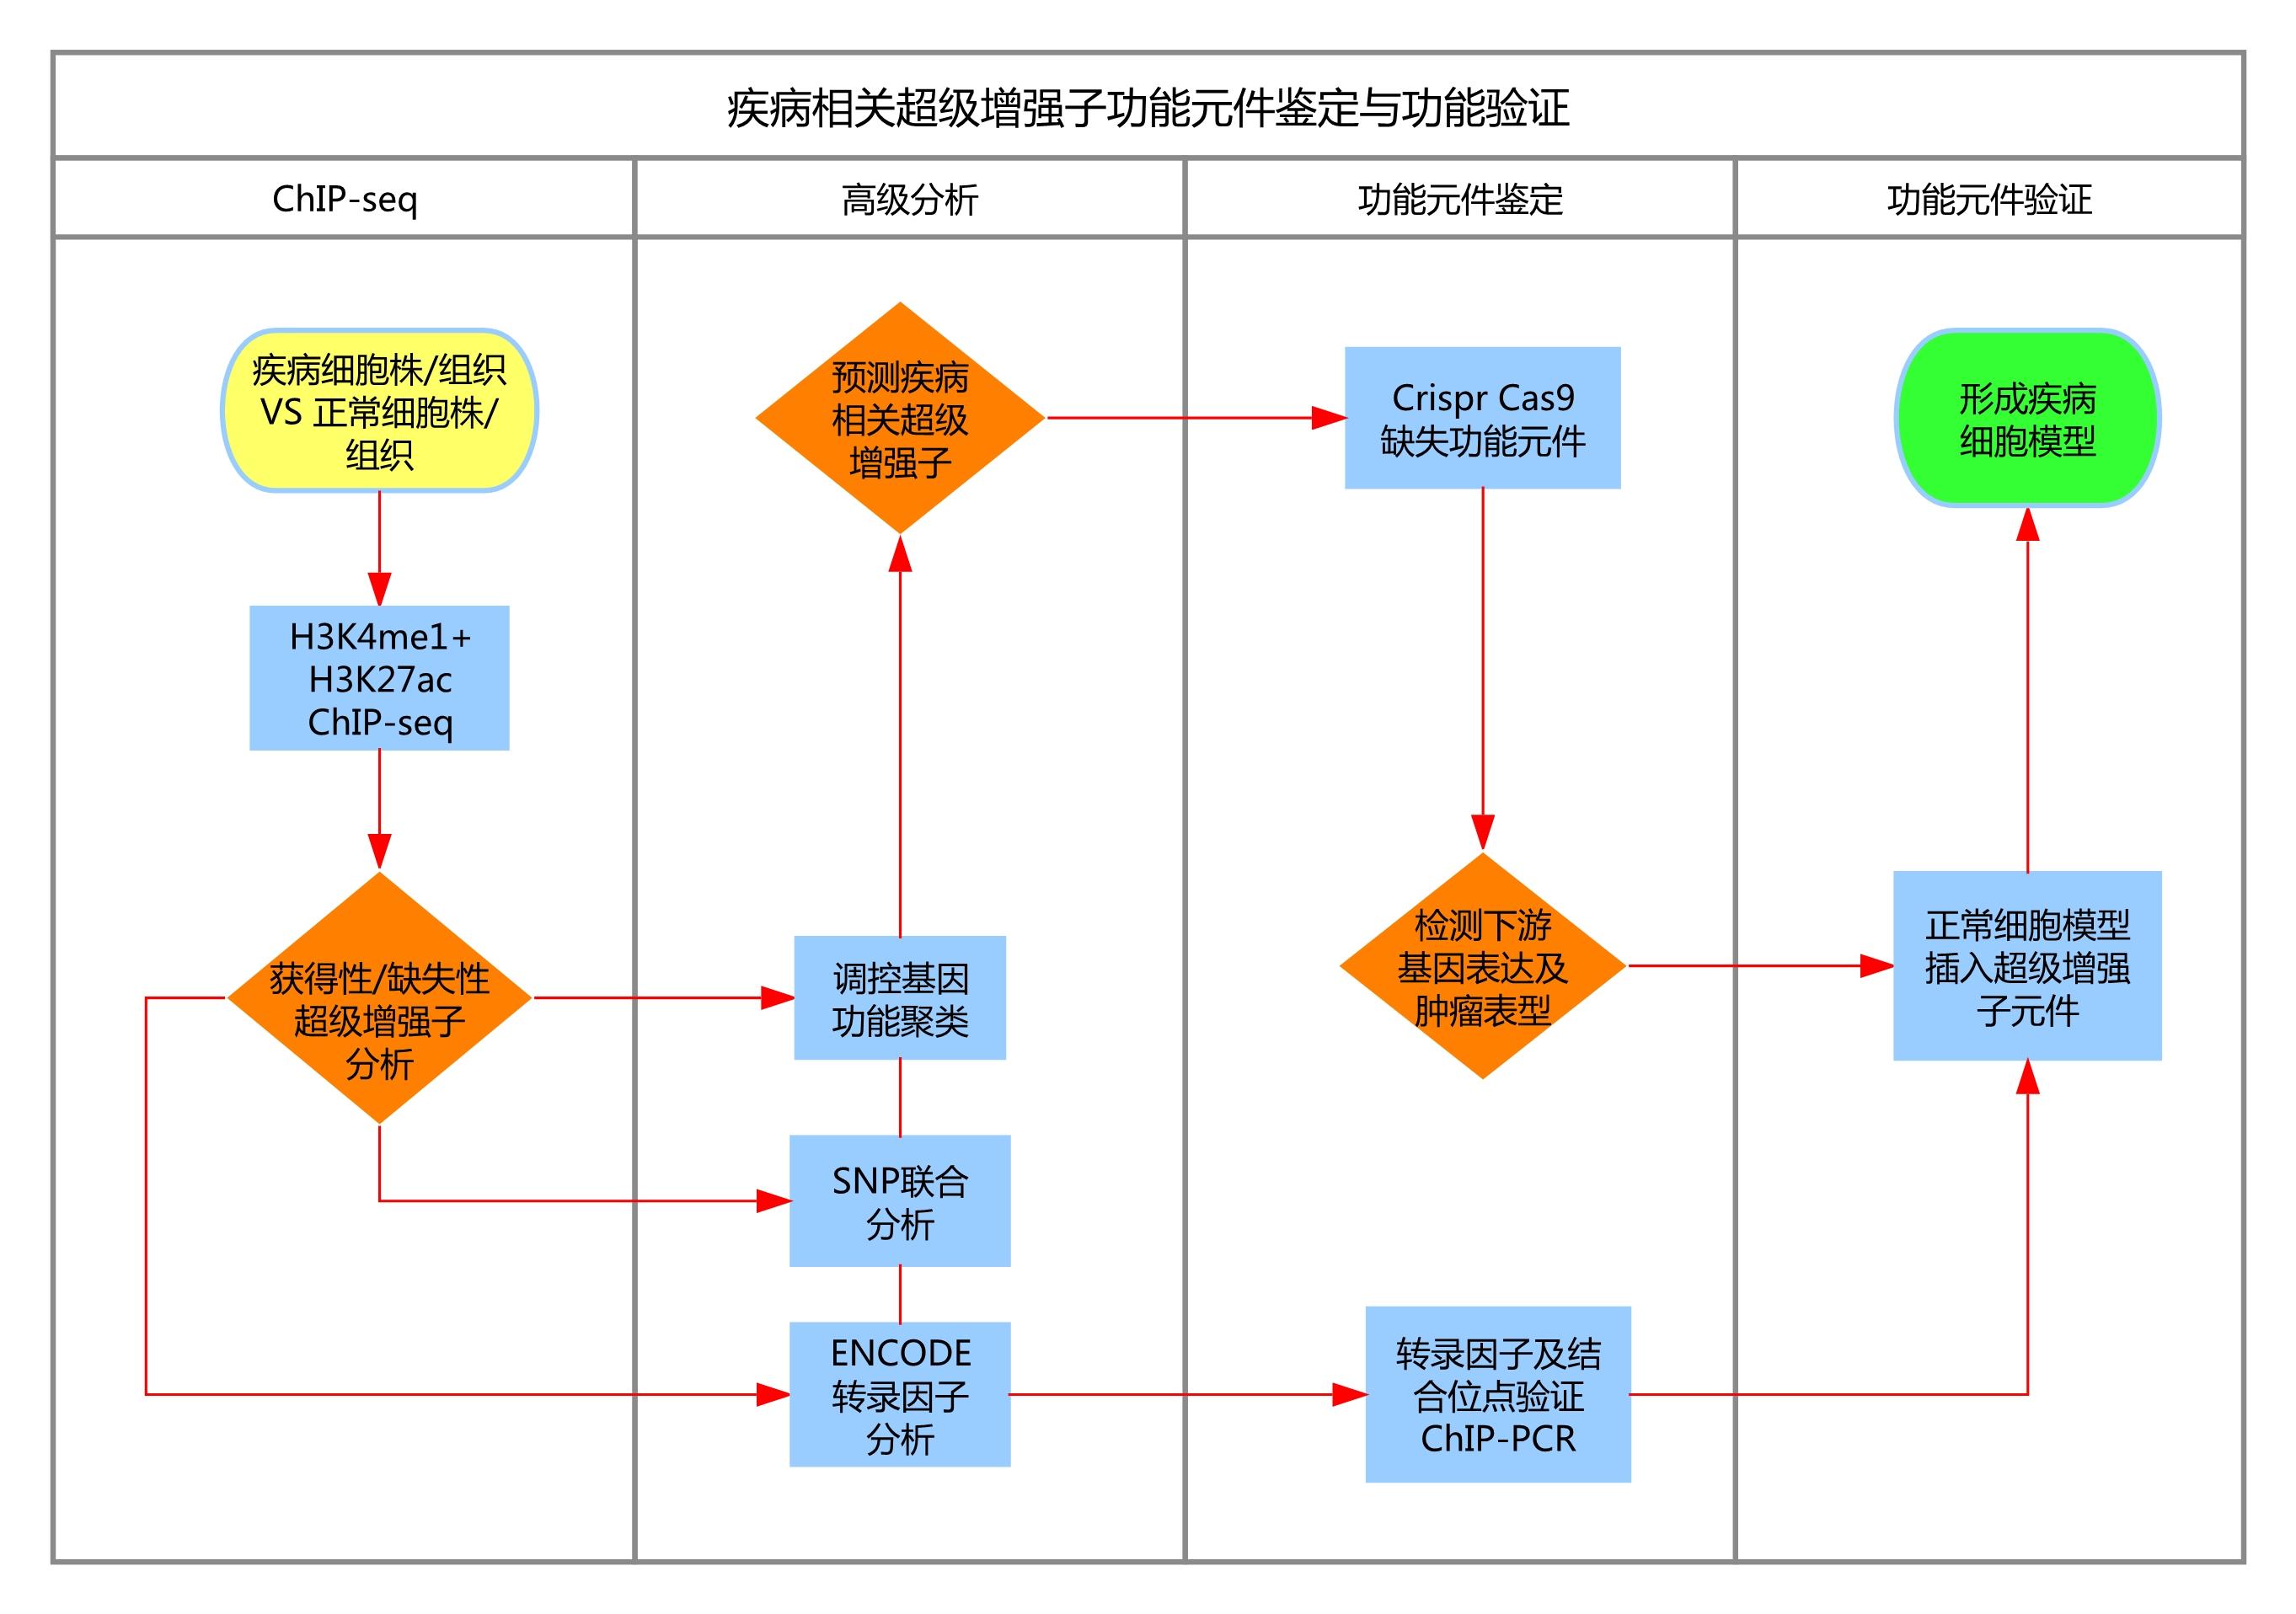 【冲刺2017NSFC】疾病相关超级增强子功能元件鉴定与功能验证研究路径图